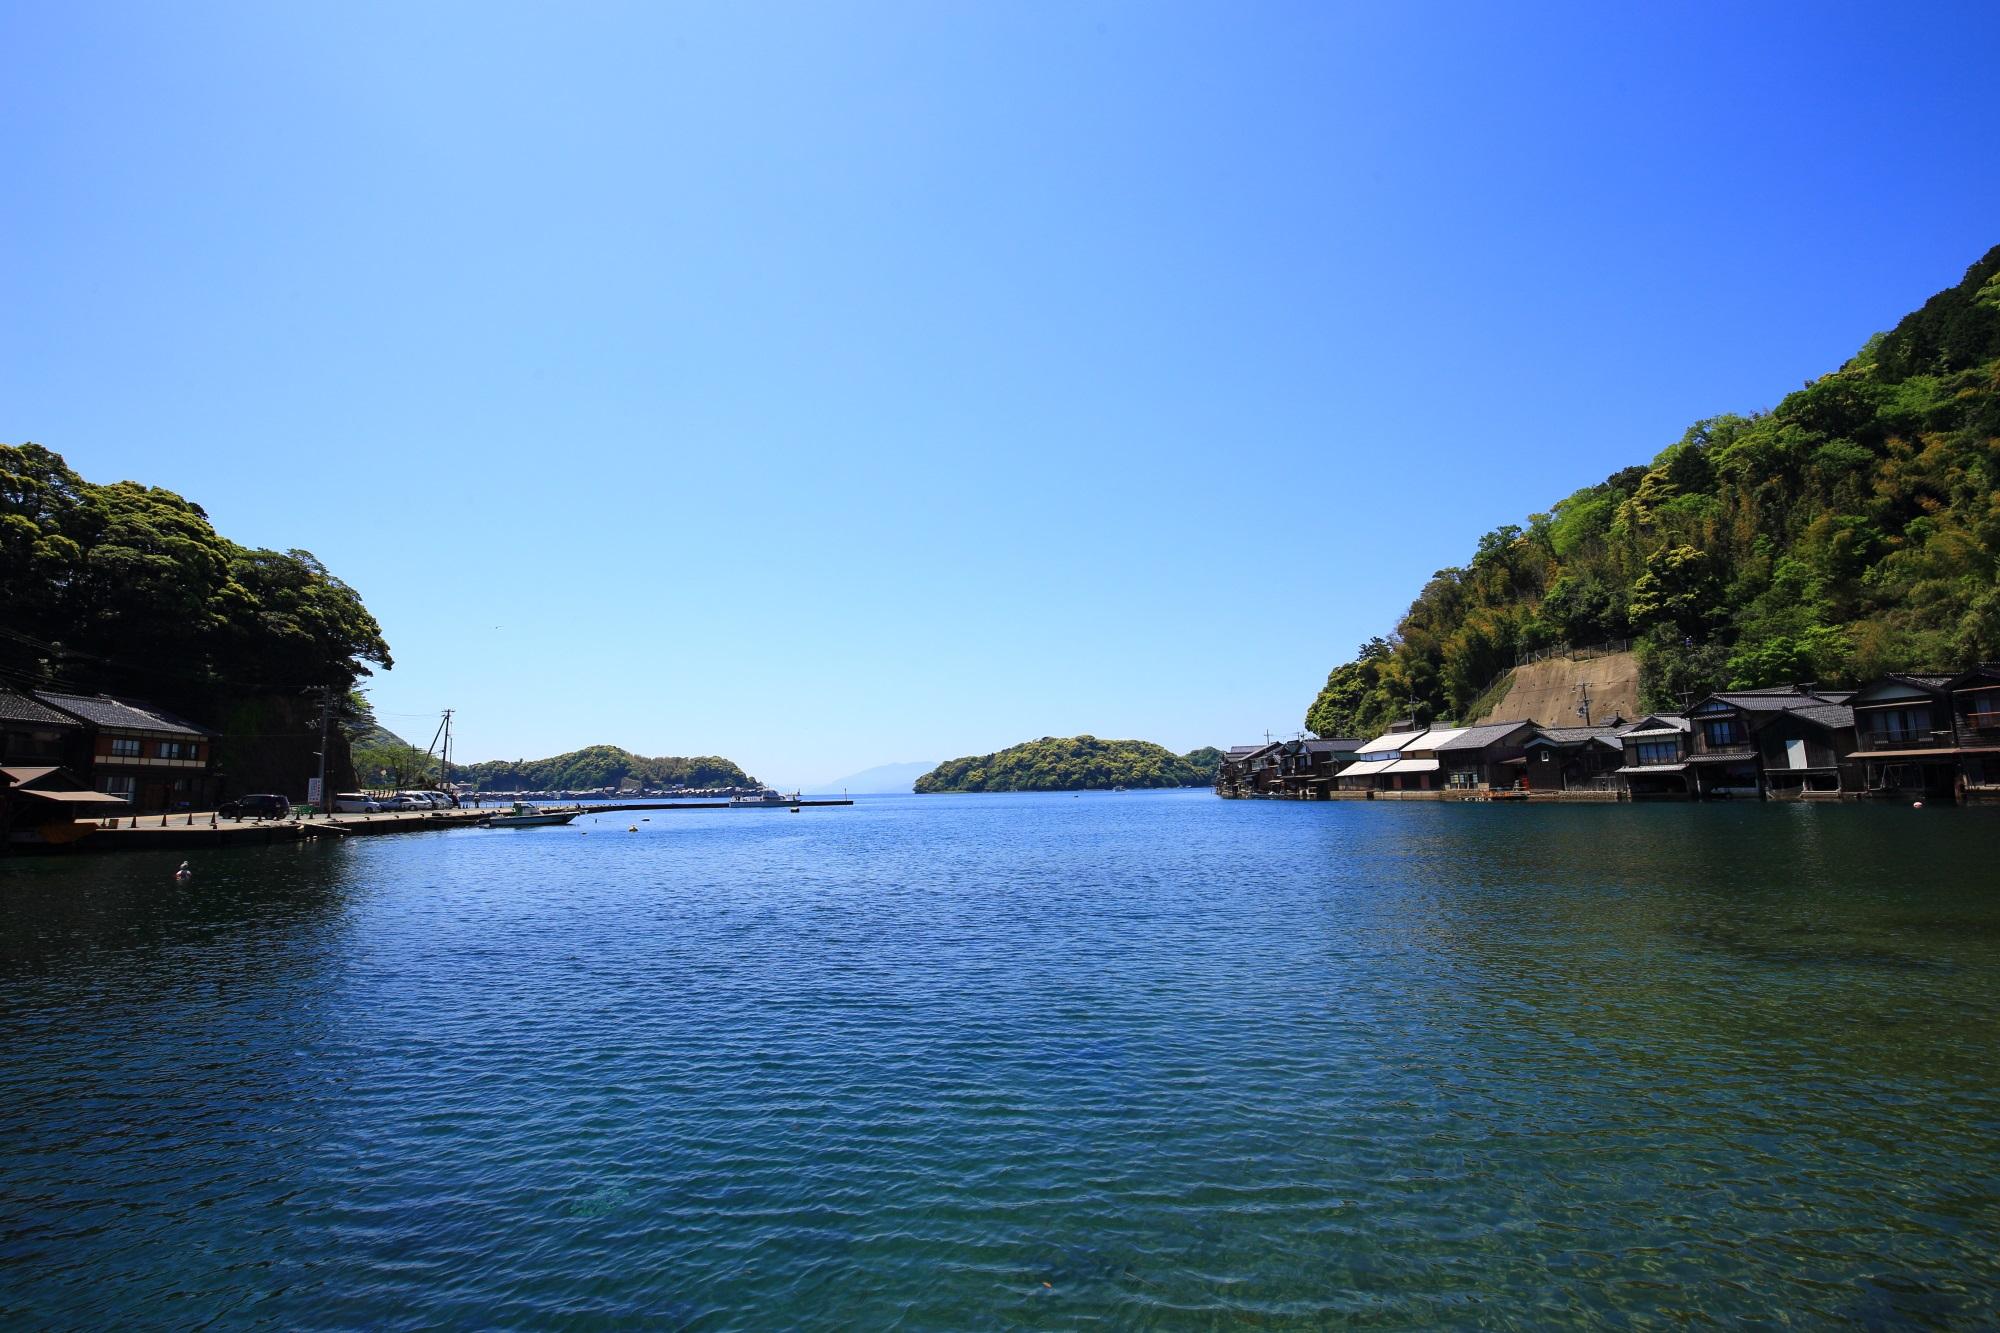 山と自然と舟屋に囲まれた穏やかで美しい伊根湾